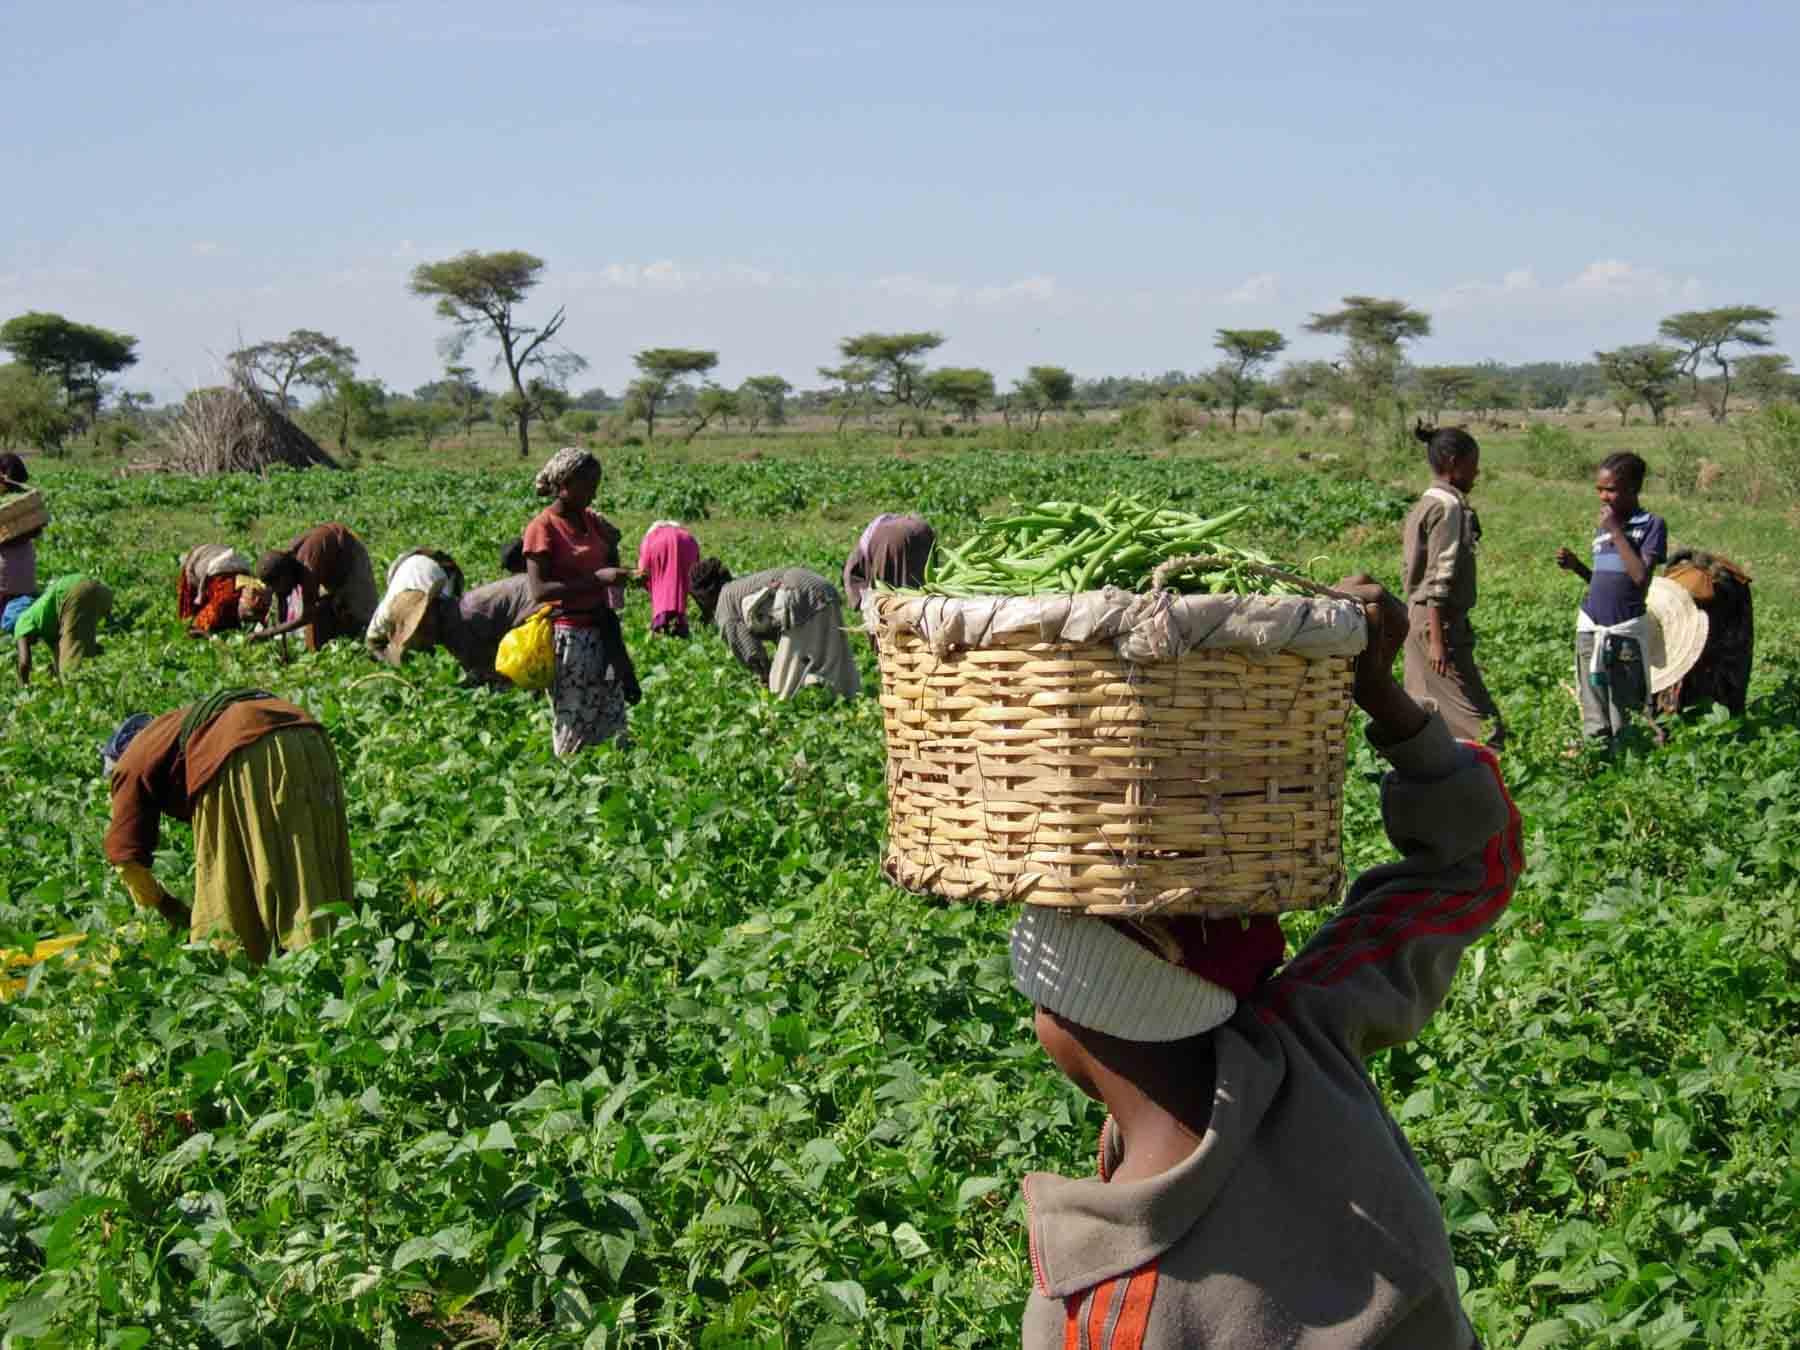 África necesita a sus jóvenes para modernizar su agricultura